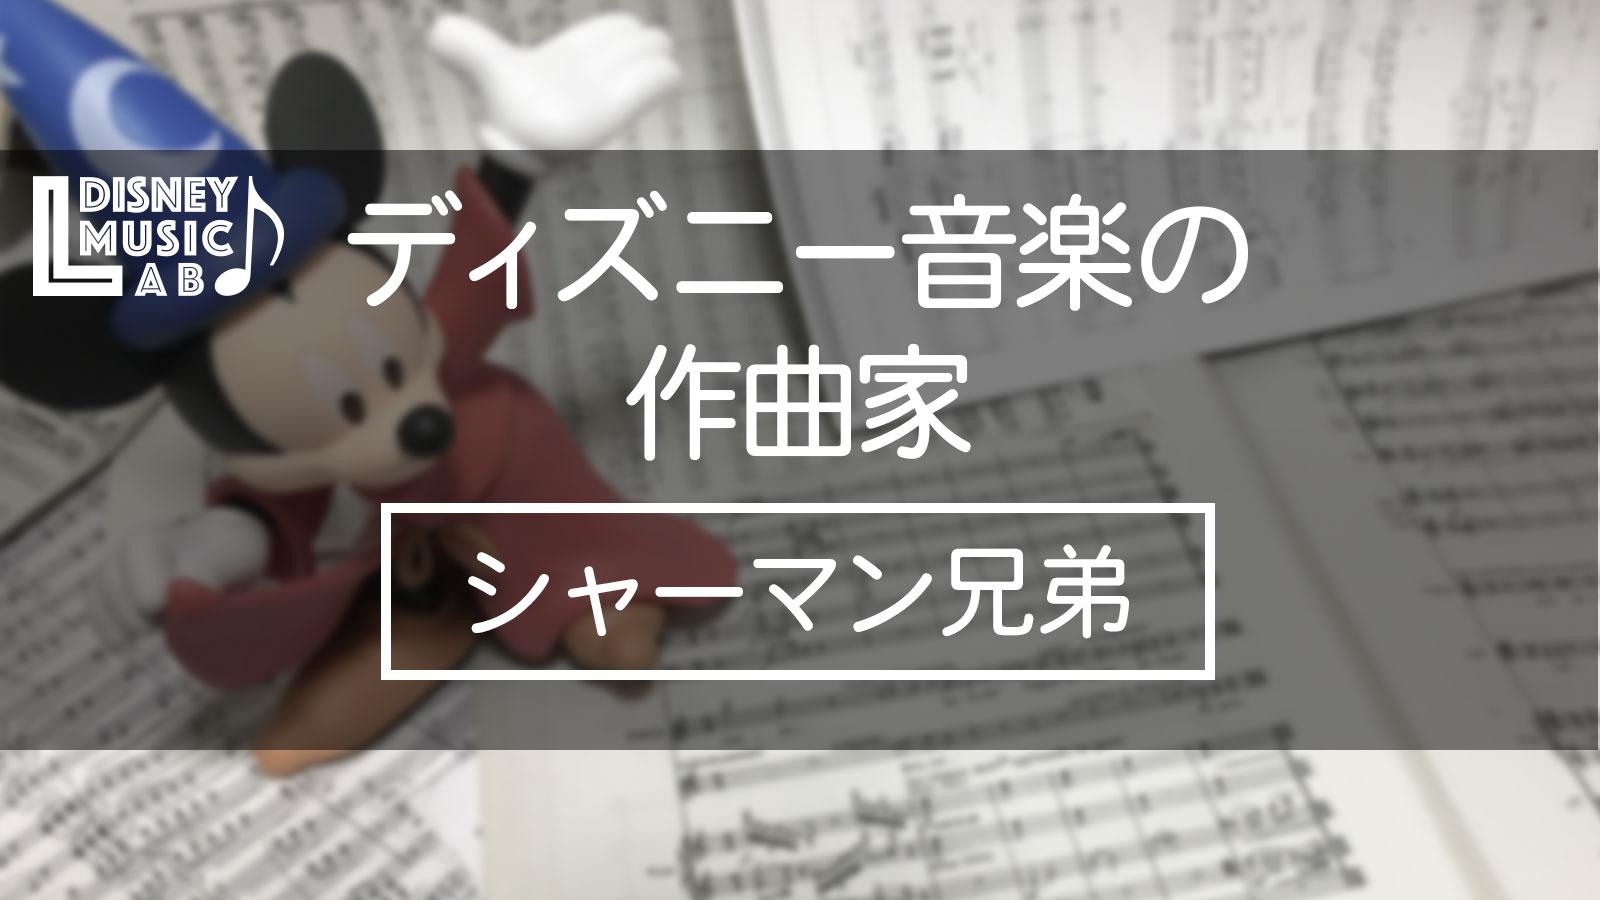 作曲家:シャーマン兄弟